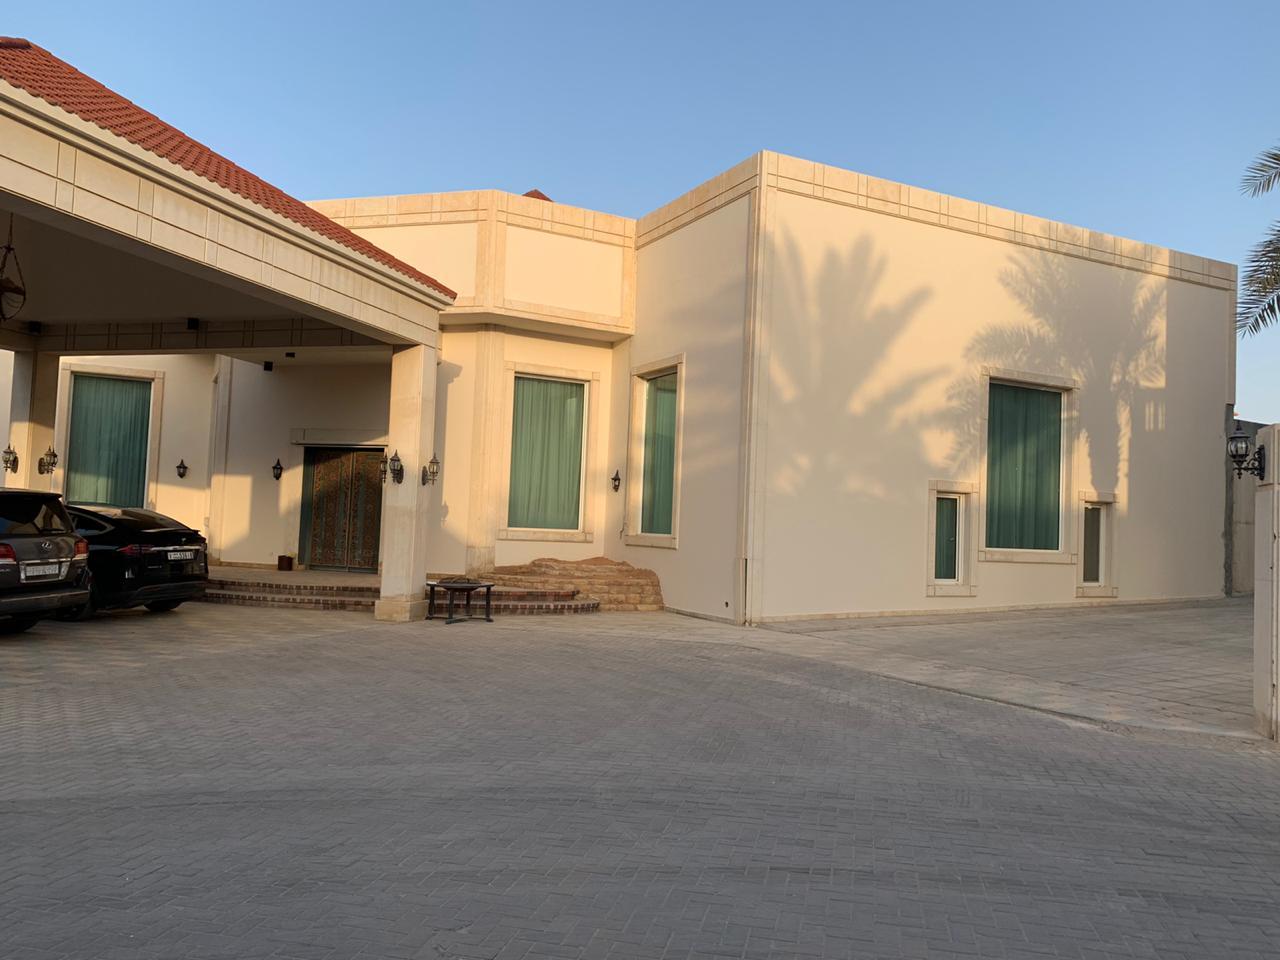 قصر للبيع في الرياض حي الرحمانية - العقار المباشر - ALaqar ...